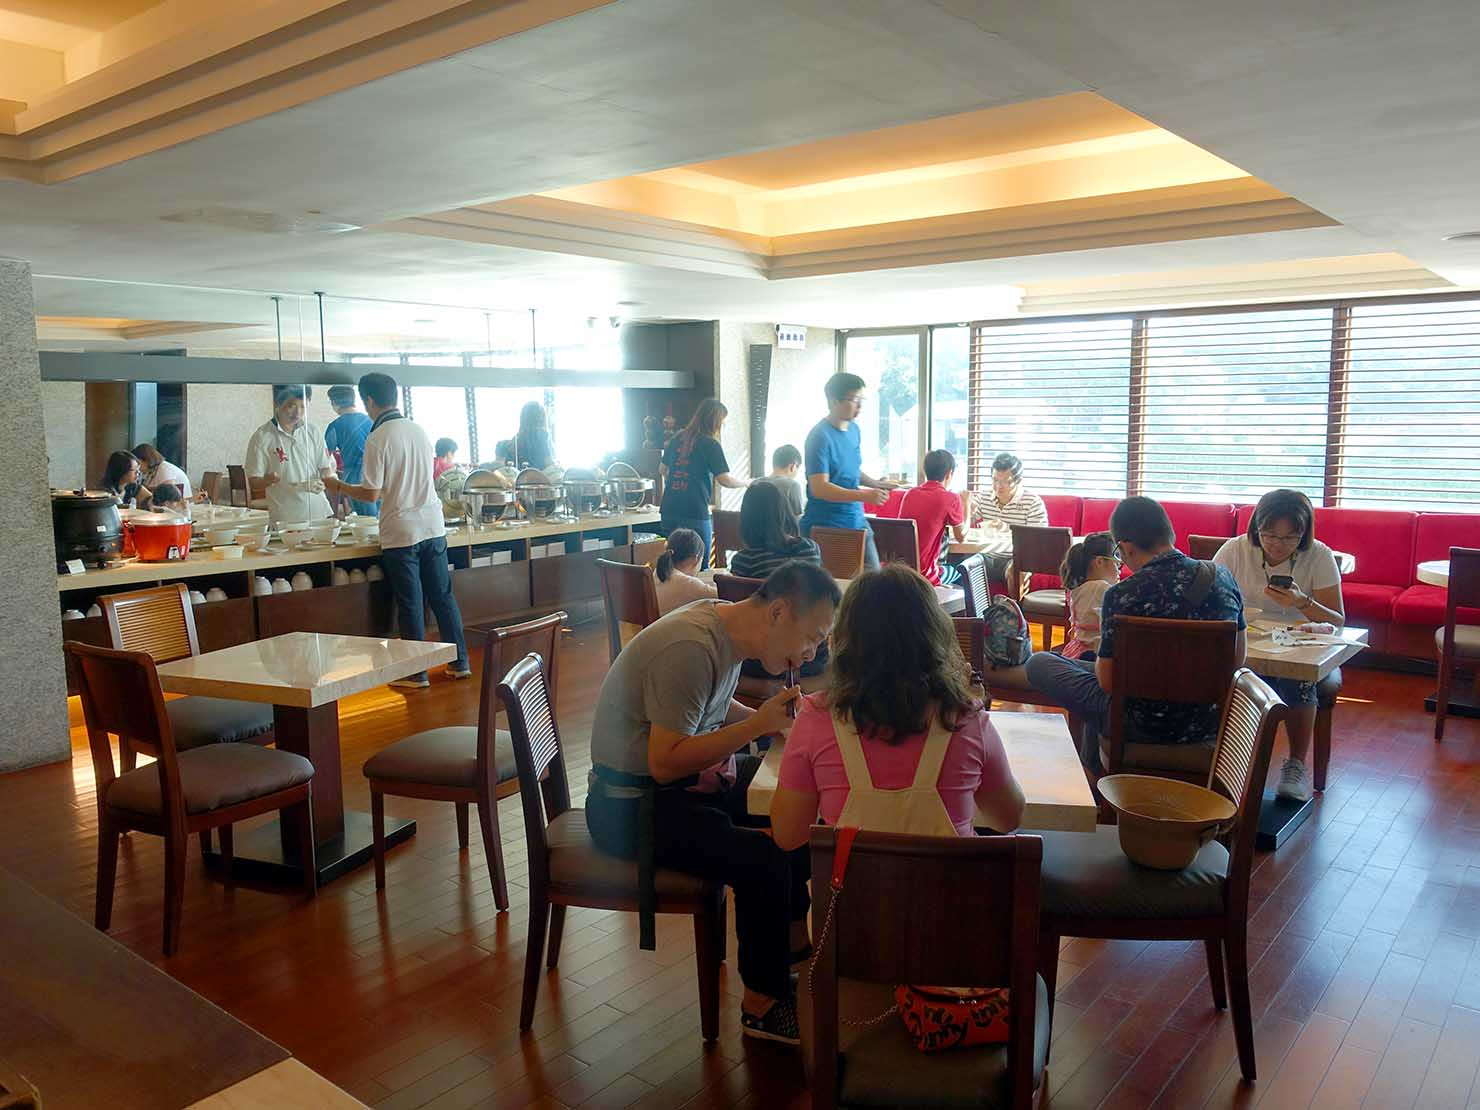 花蓮市街中心部にあるホテル「馥麗生活旅店 Quality Inn」のダイニングスペース